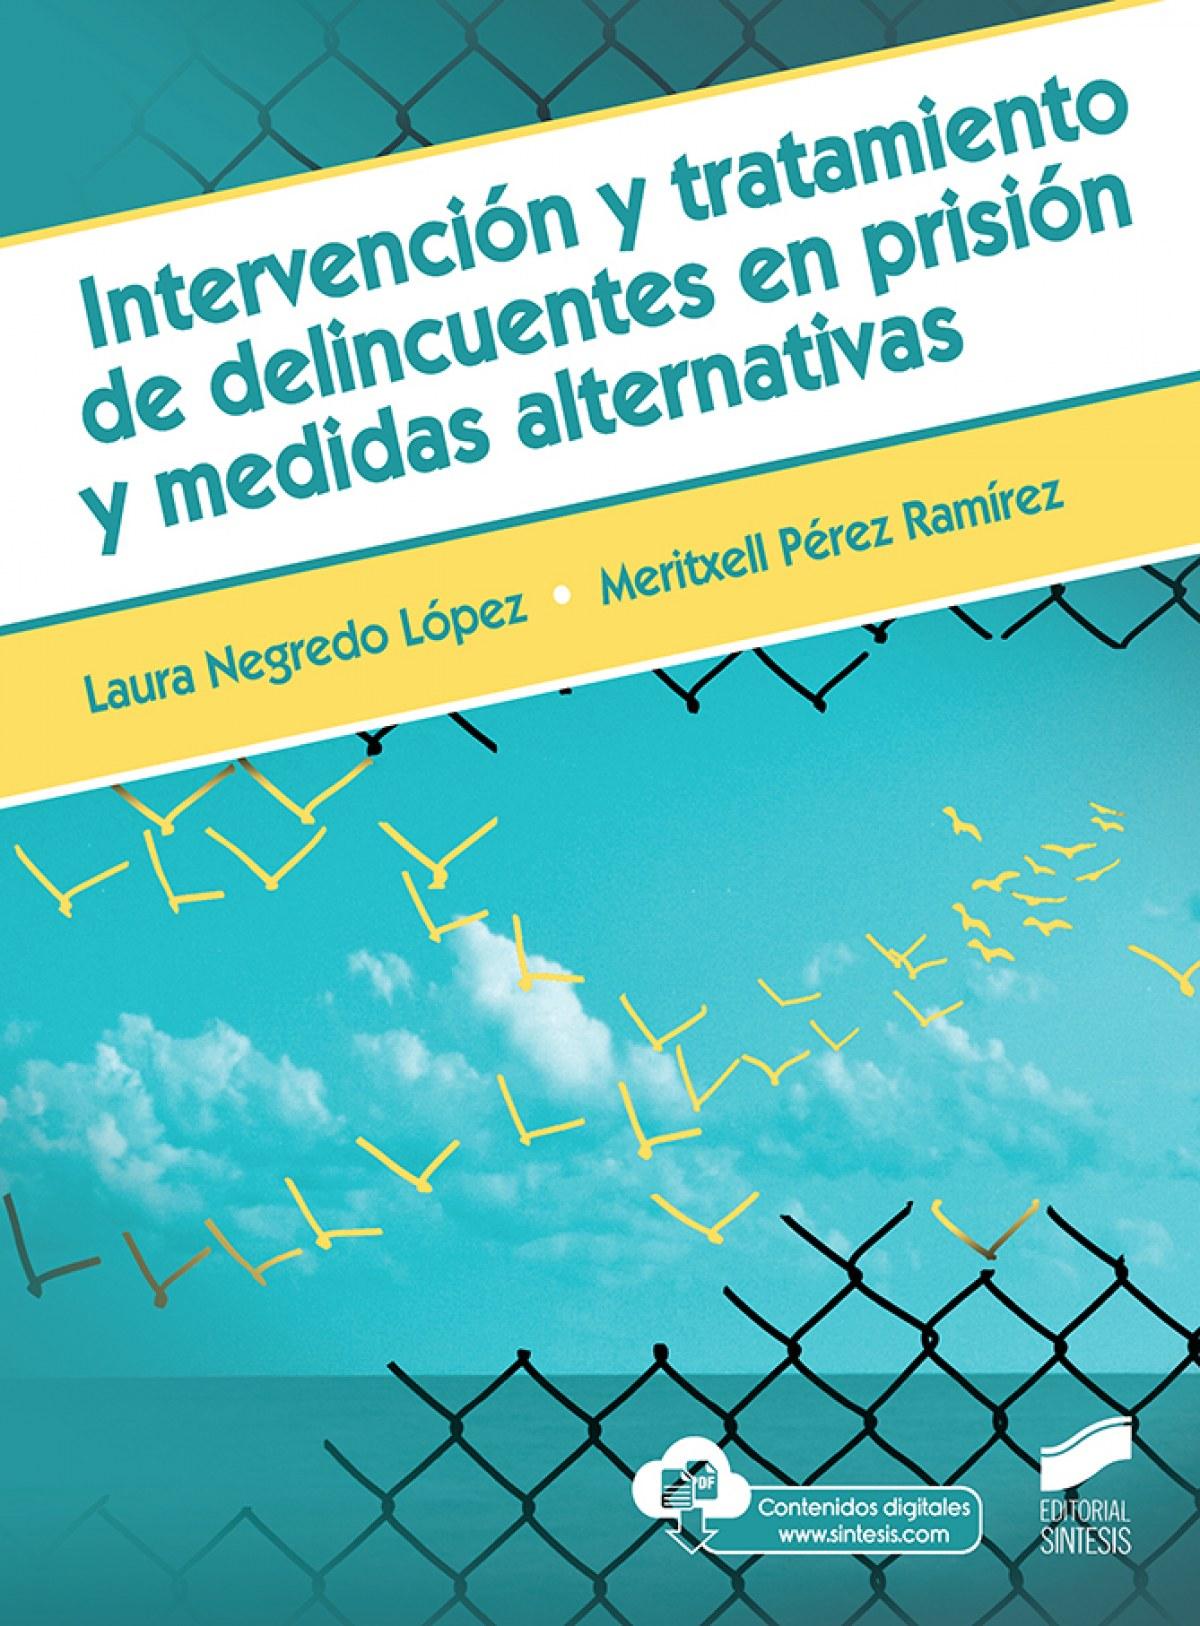 INTERVENCIÓN Y TRATAMINETO DE DELINCUENTES EN PRISIÓN Y MEDIDAS ALTERNATIVAS